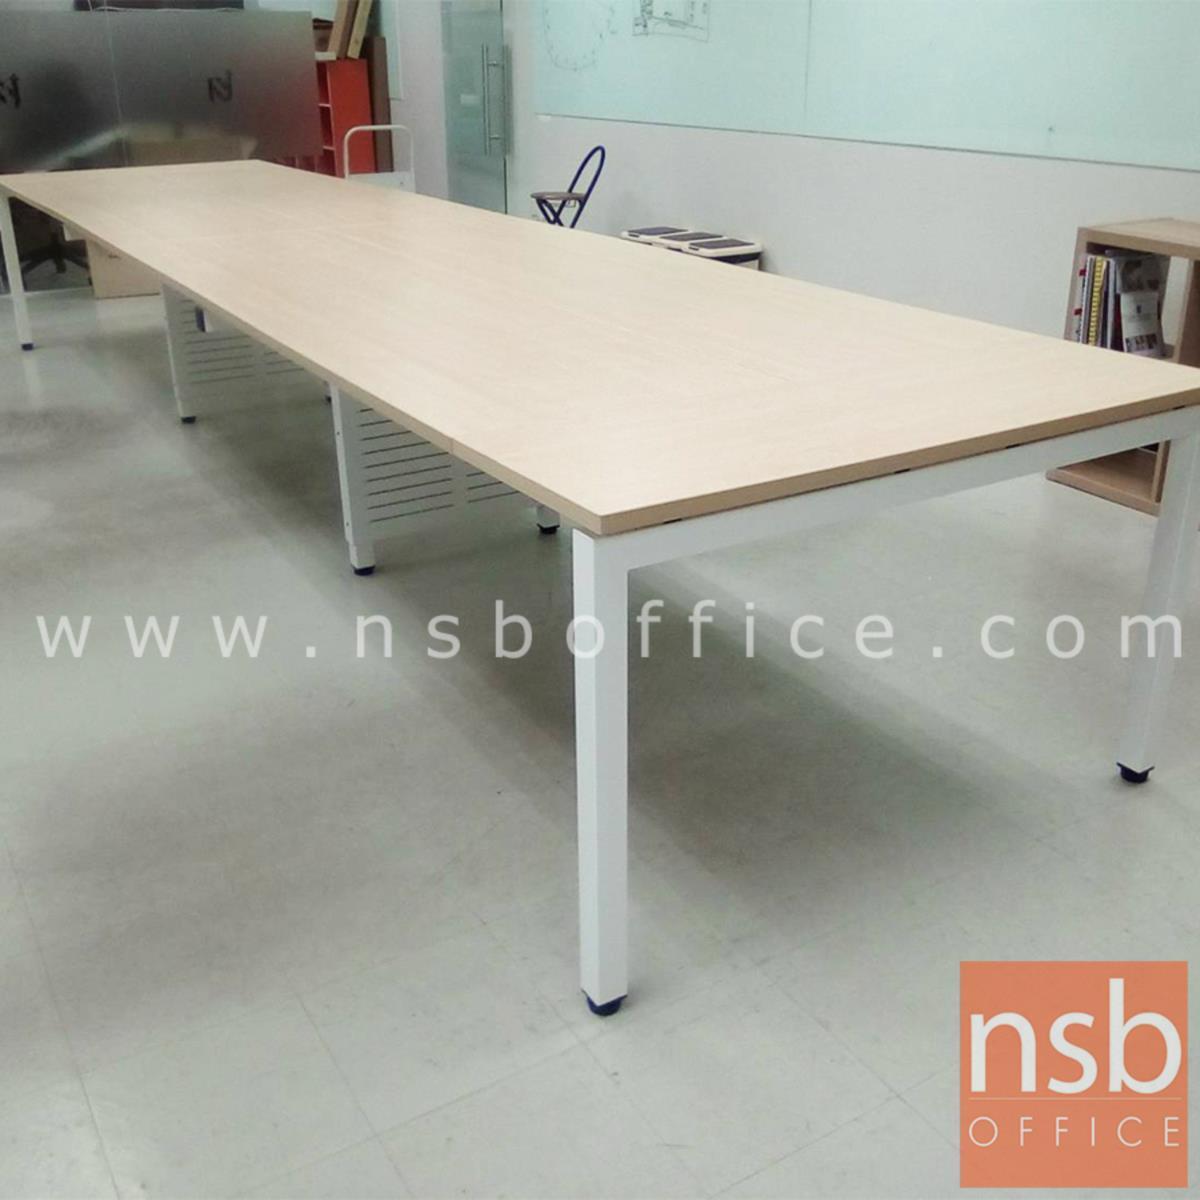 โต๊ะประชุมทรงสี่เหลี่ยม 120D cm. รุ่น CONNEXX-021 ขนาด 280W ,320W ,440W ,520W ,620W cm.  ขากลางมีกล่องร้อยสาย